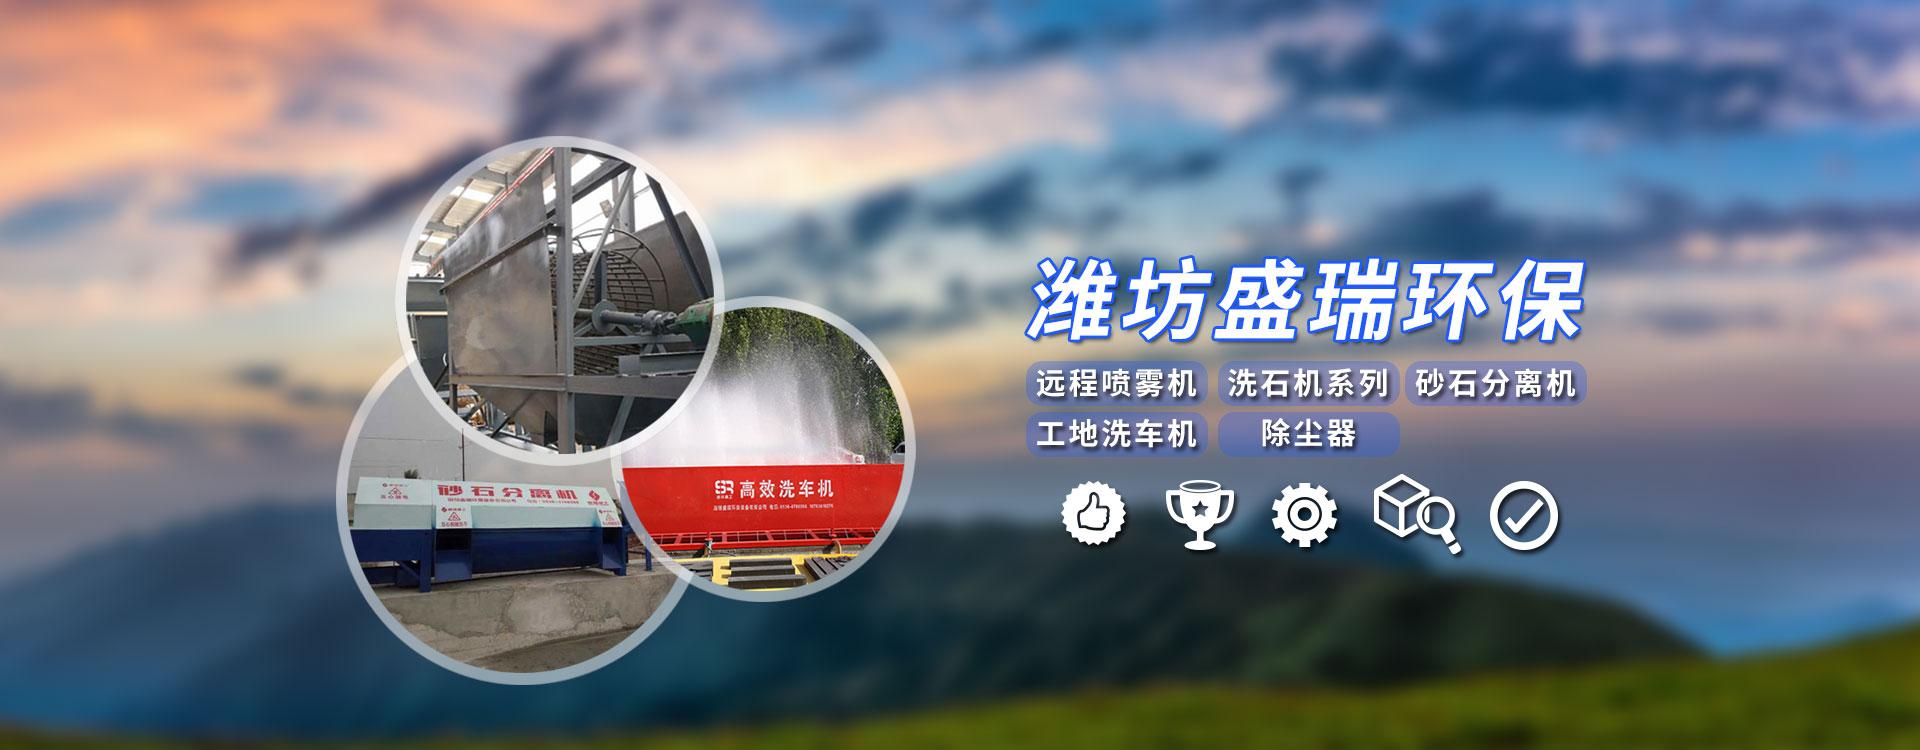 潍坊盛瑞环保设备有限公司